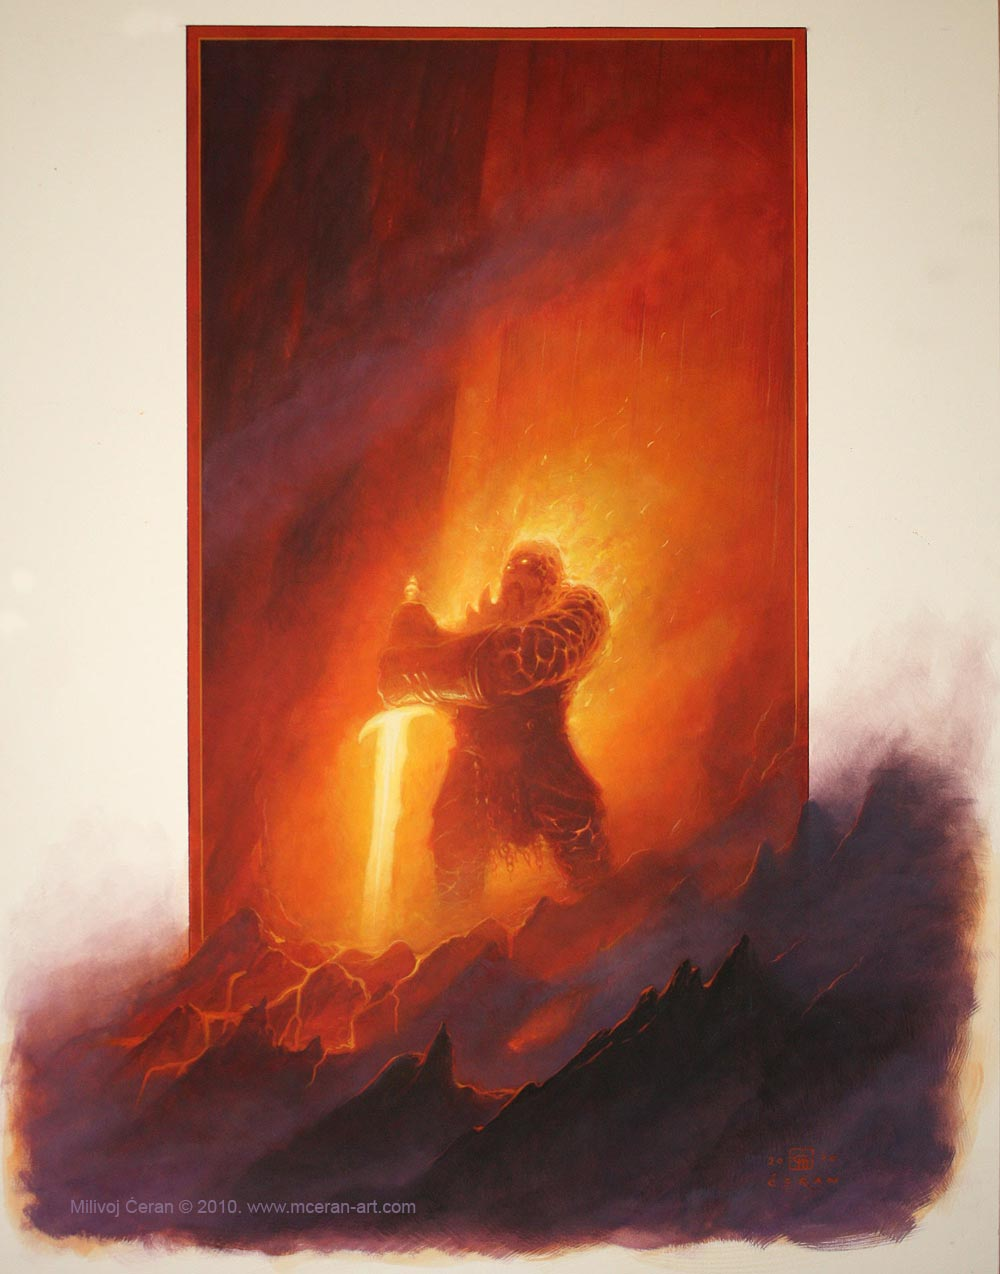 Milivoj Ceran Norse Mythology